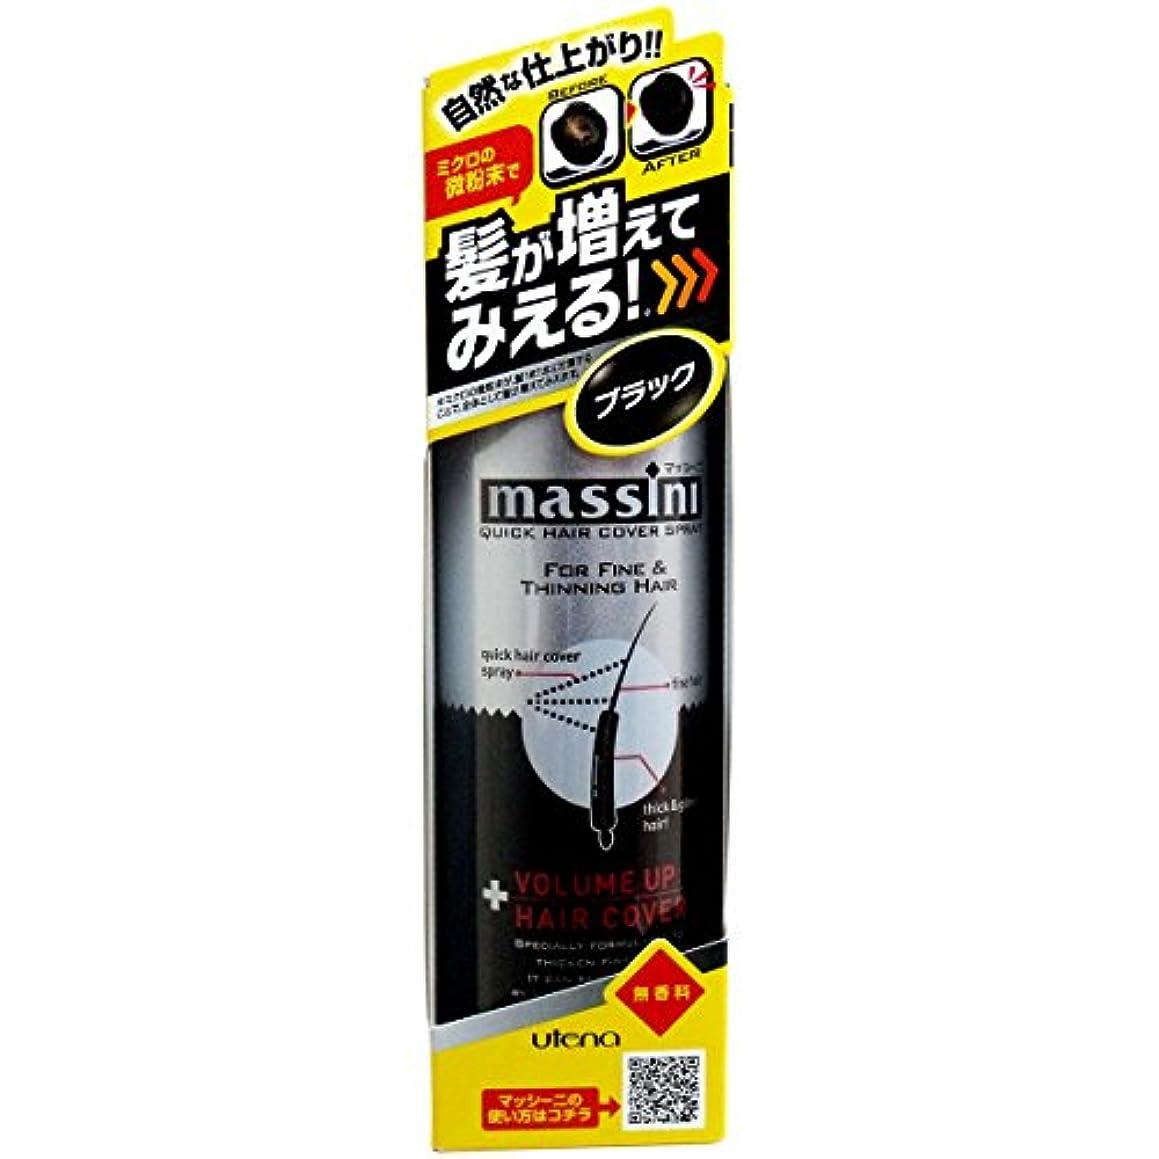 失うドロップ配る【まとめ買い】マッシーニ クイックヘアカバースプレーBK(ブラック) 1P ×2セット